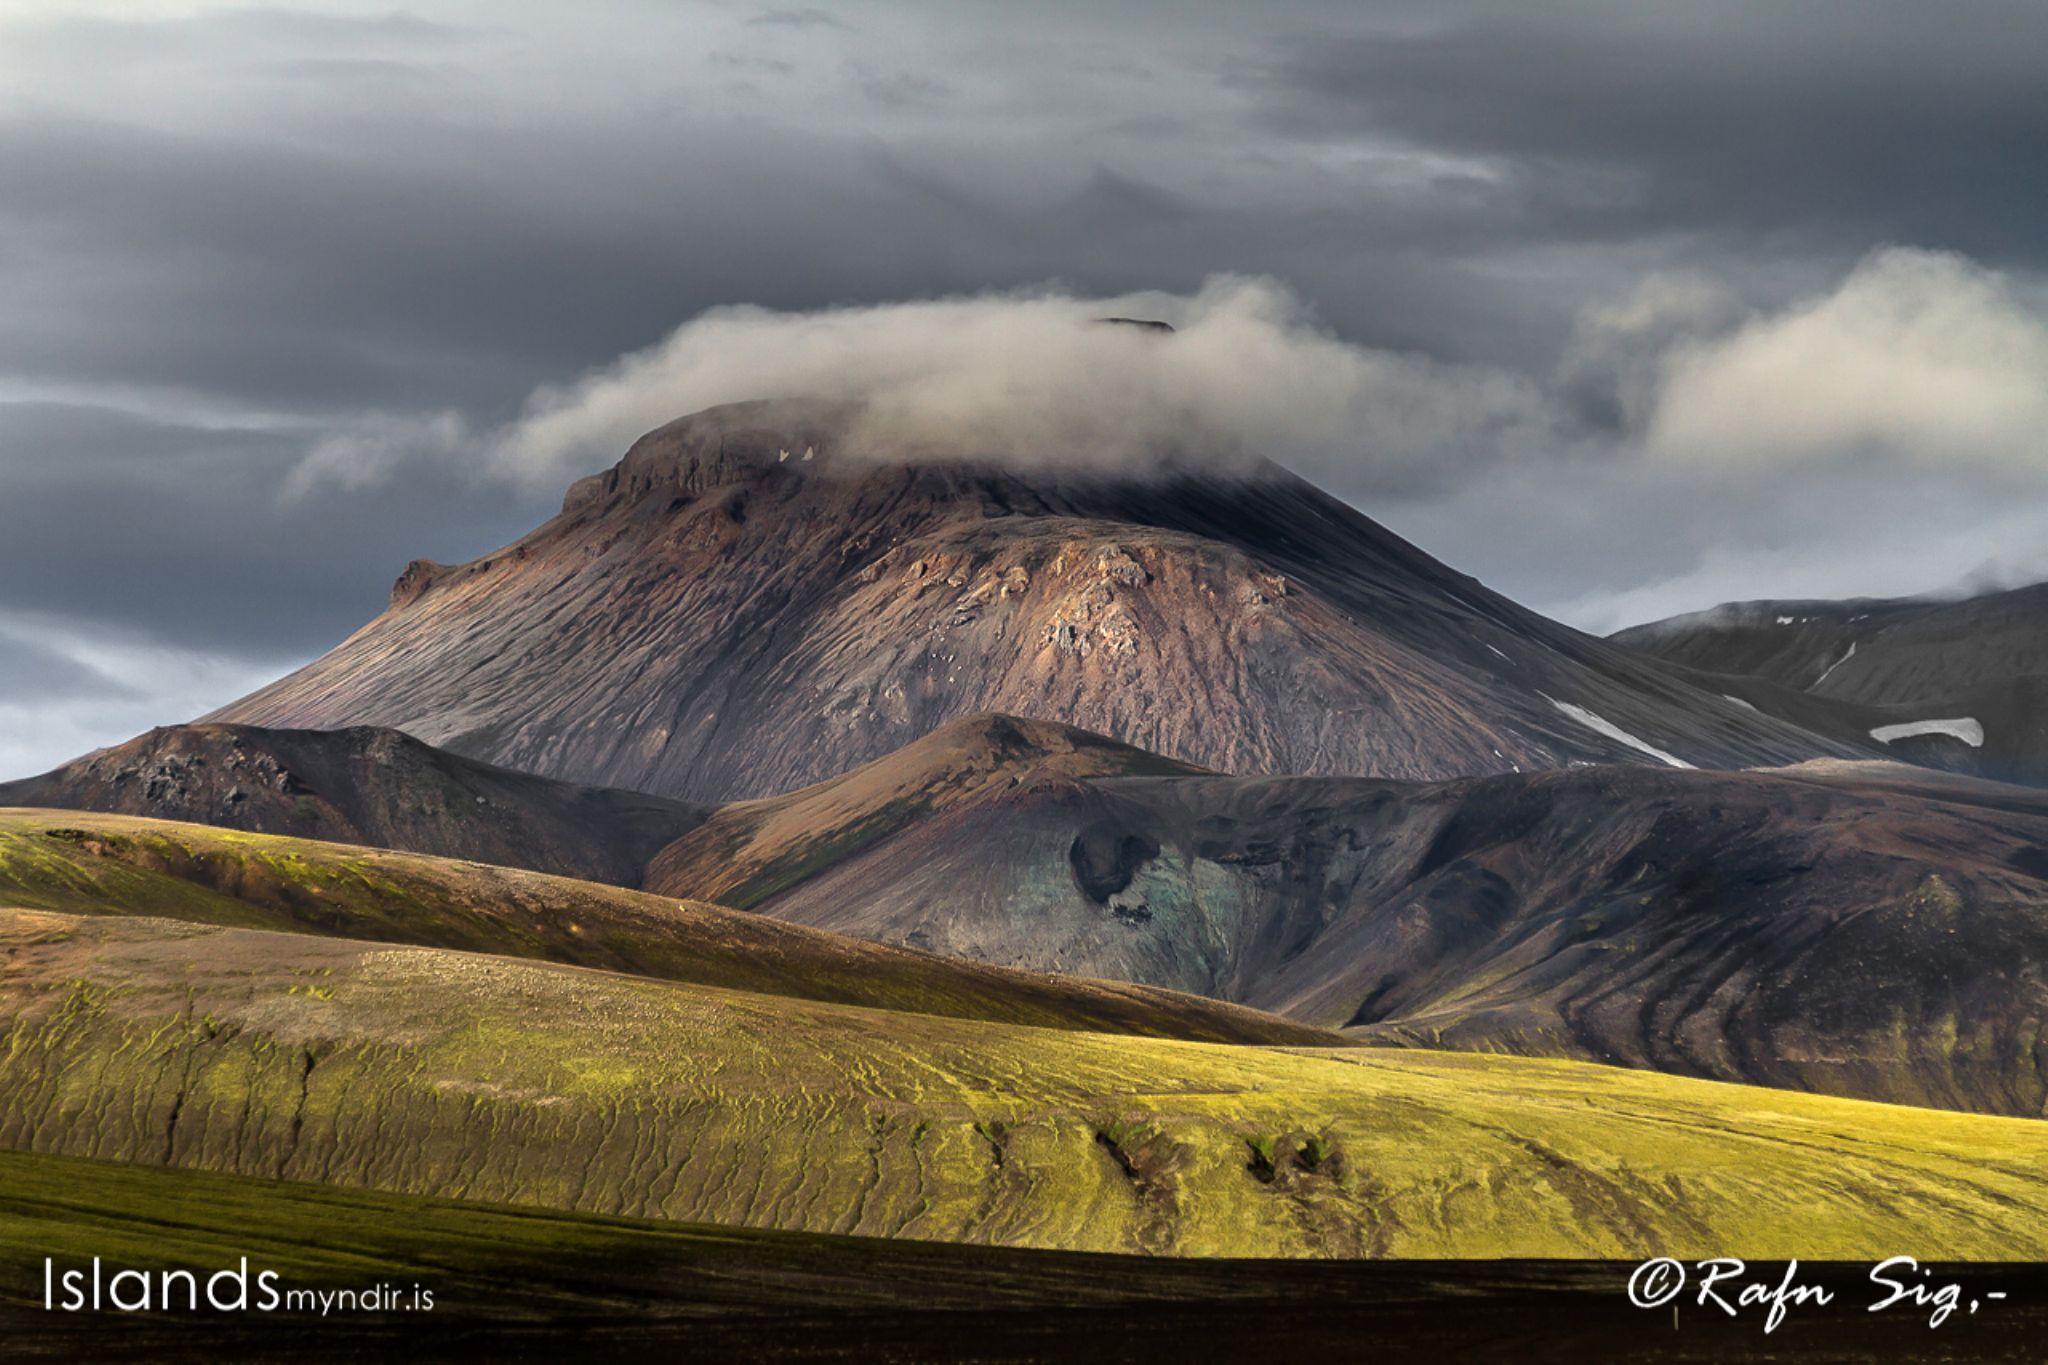 Mountain Stóhöfði in Dómadal – Highland of #Iceland by Rafn Sig,-  @ Discover Wild Iceland.com